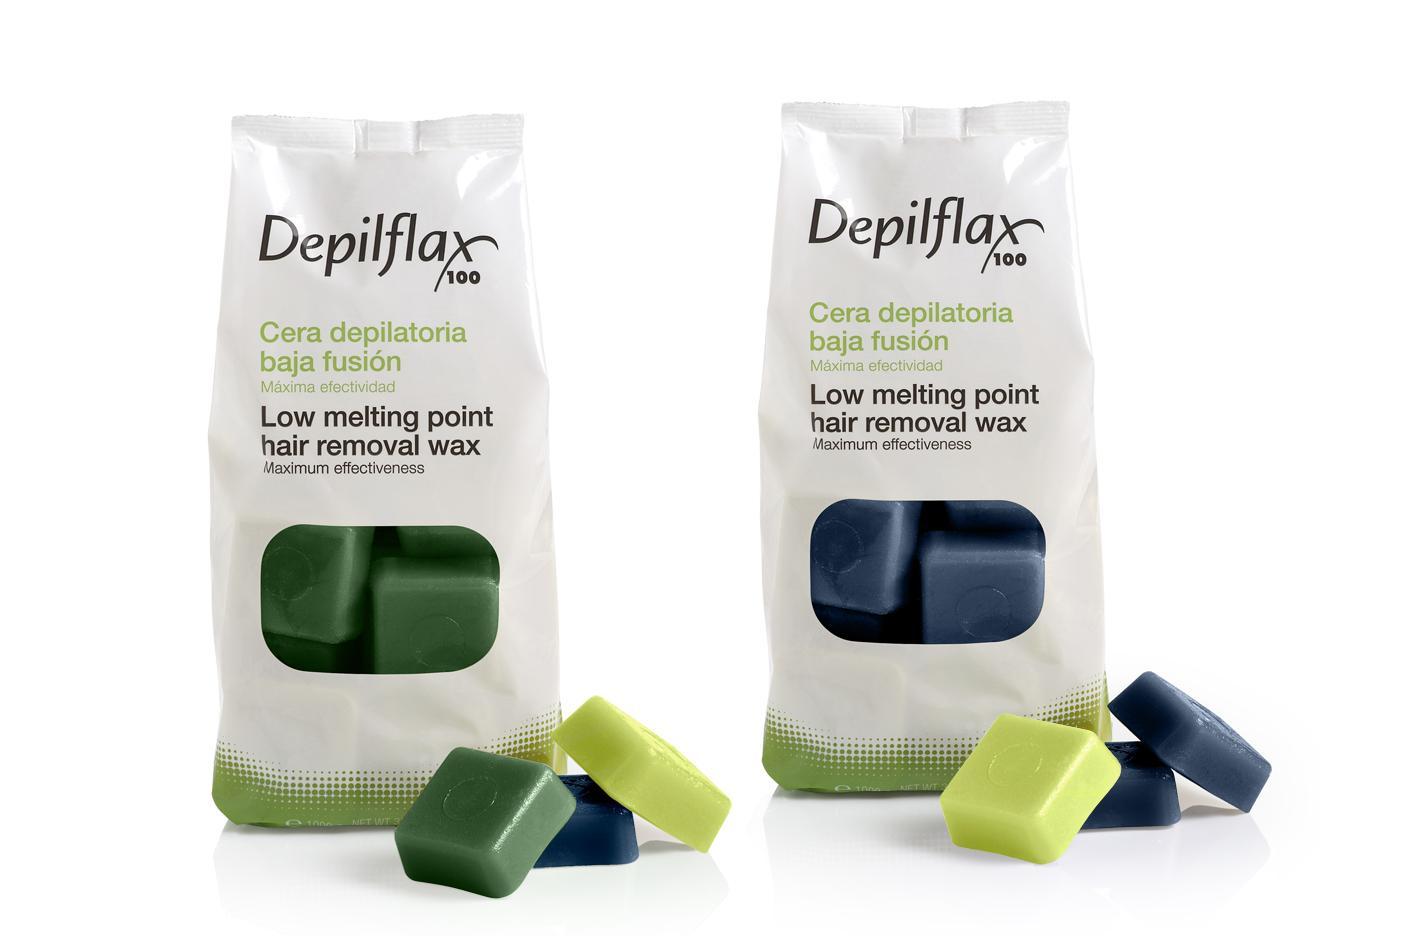 Cera Depilflax pastillas 1 kilo